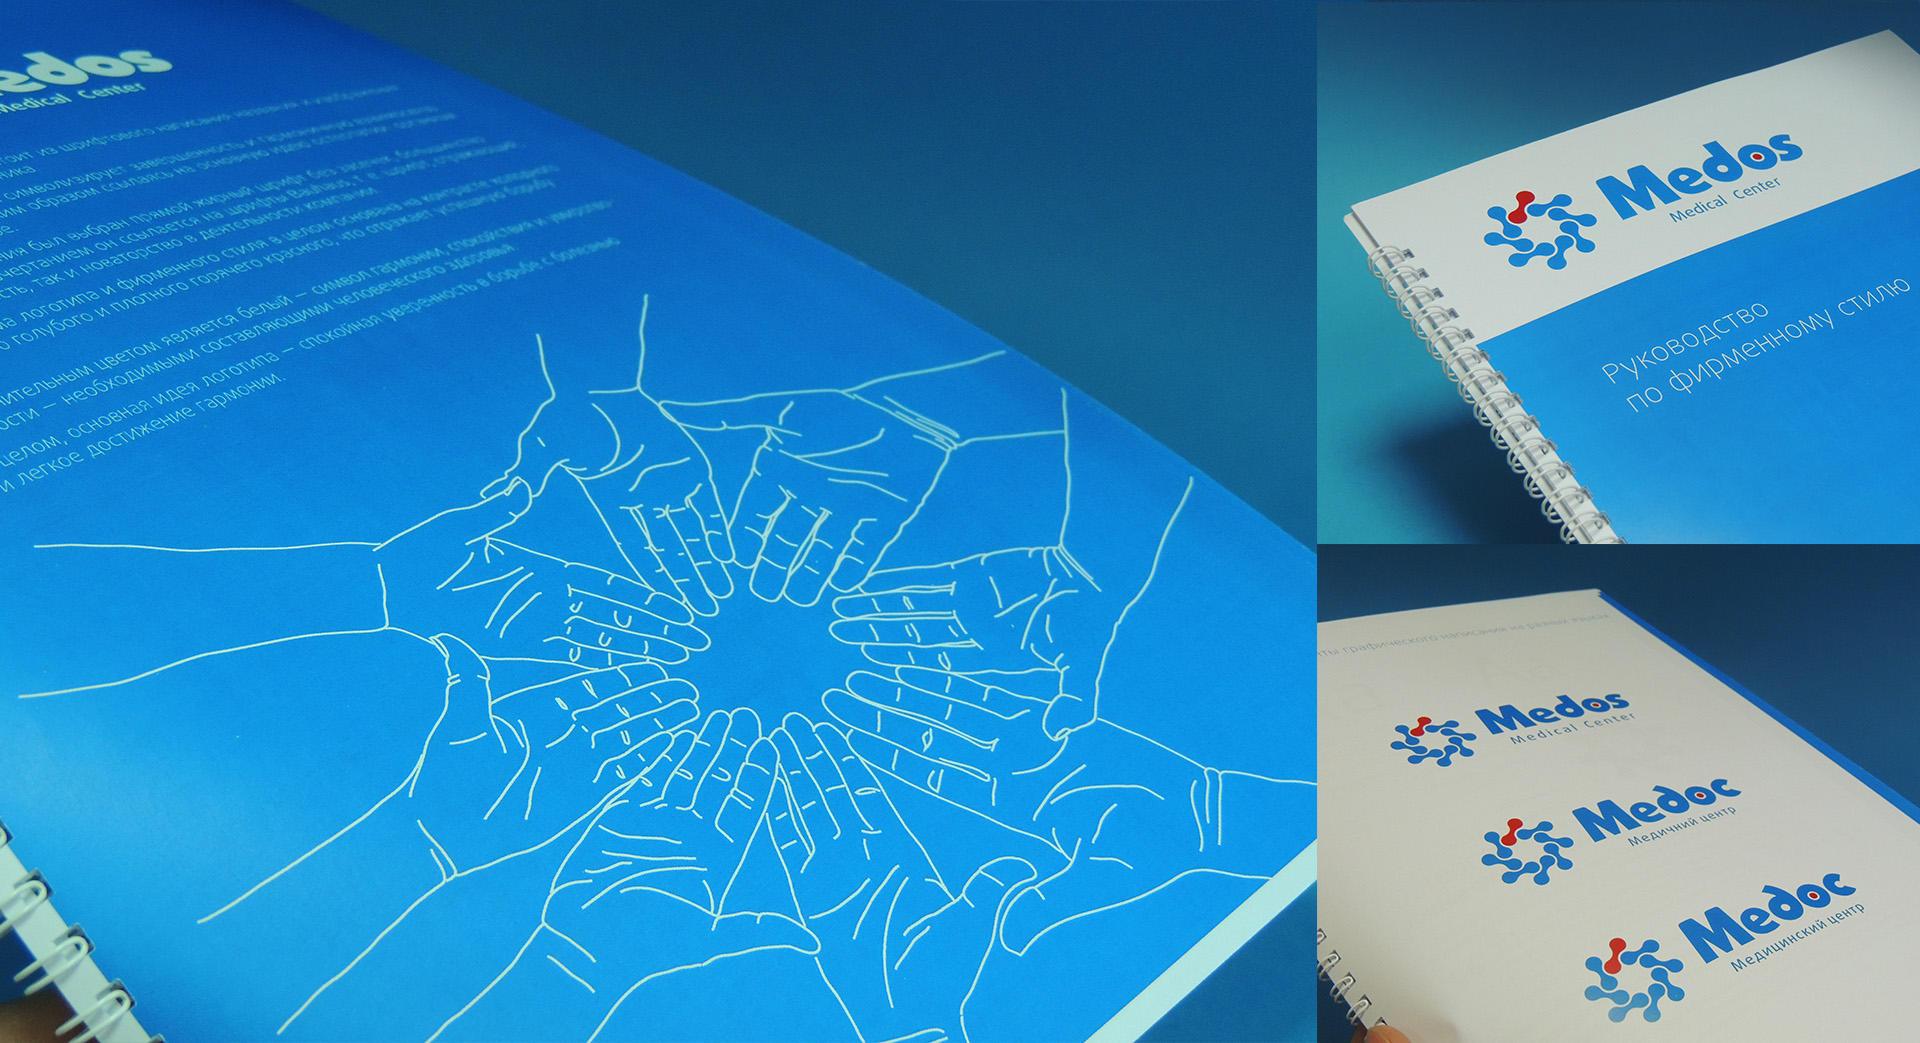 Брендбук медицинской клиники, Medical clinic brandbook